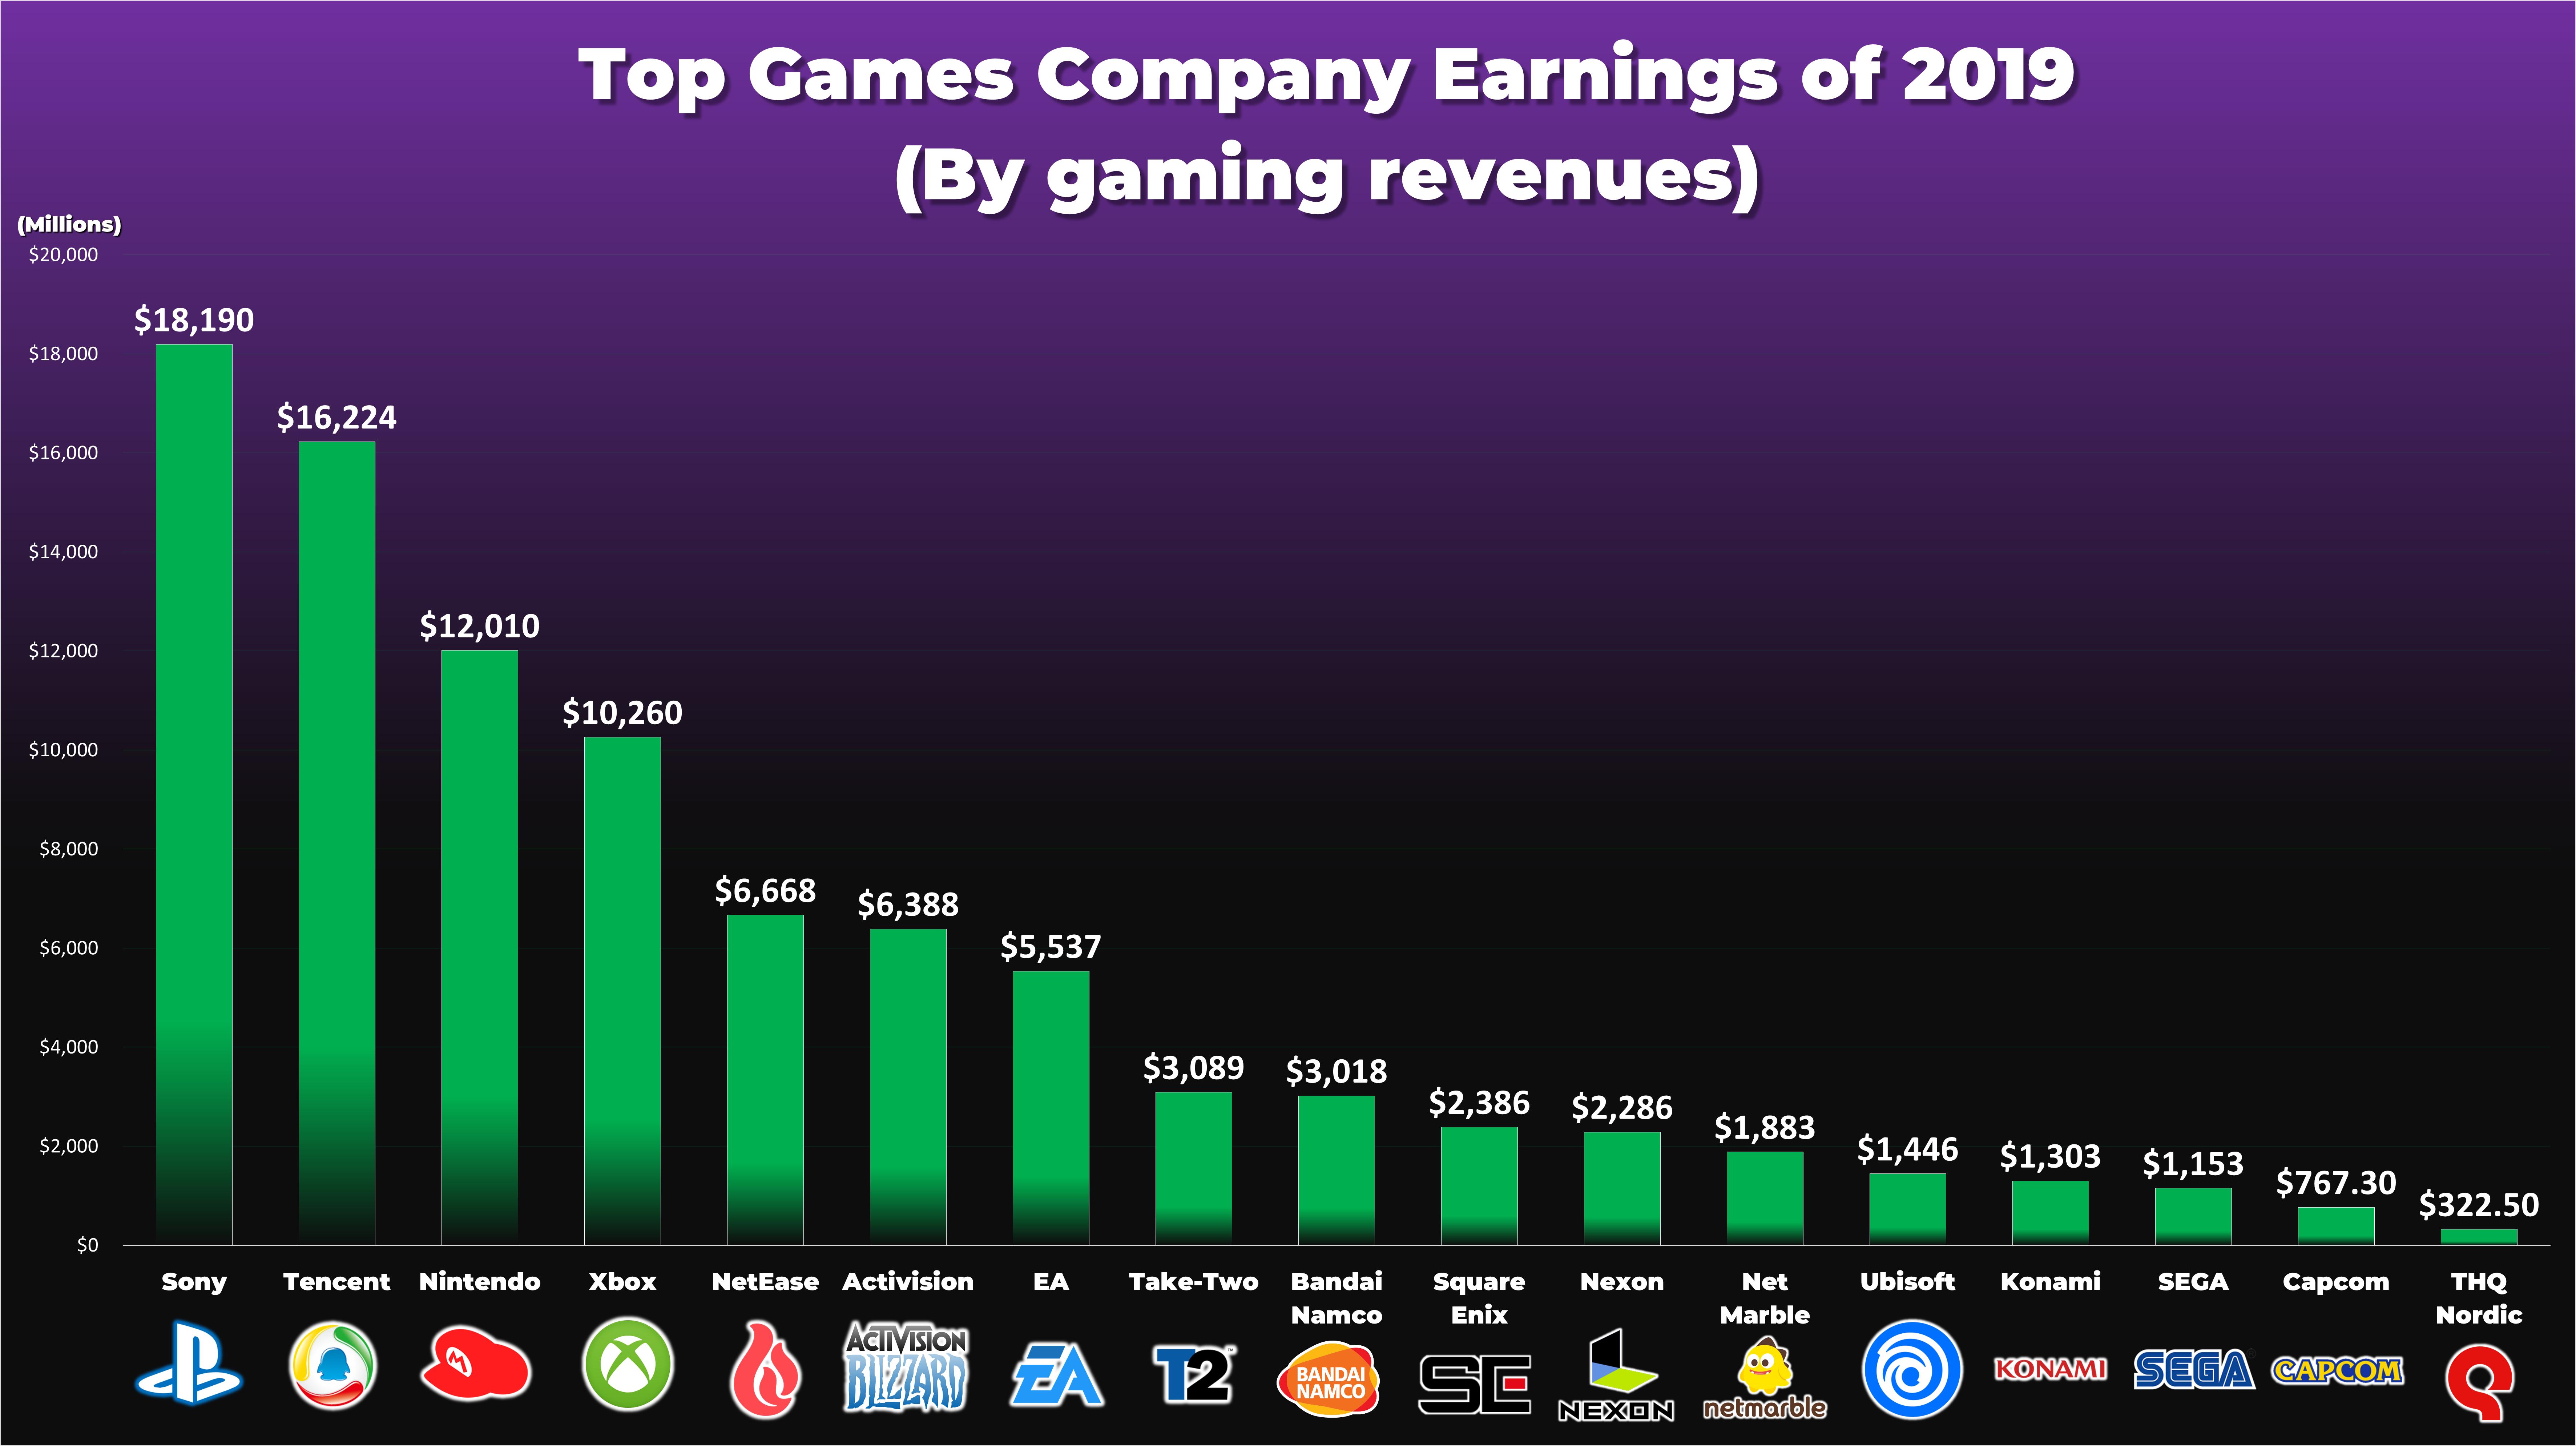 2019年游戏公司收入排名 索尼第一腾讯第二老任第三